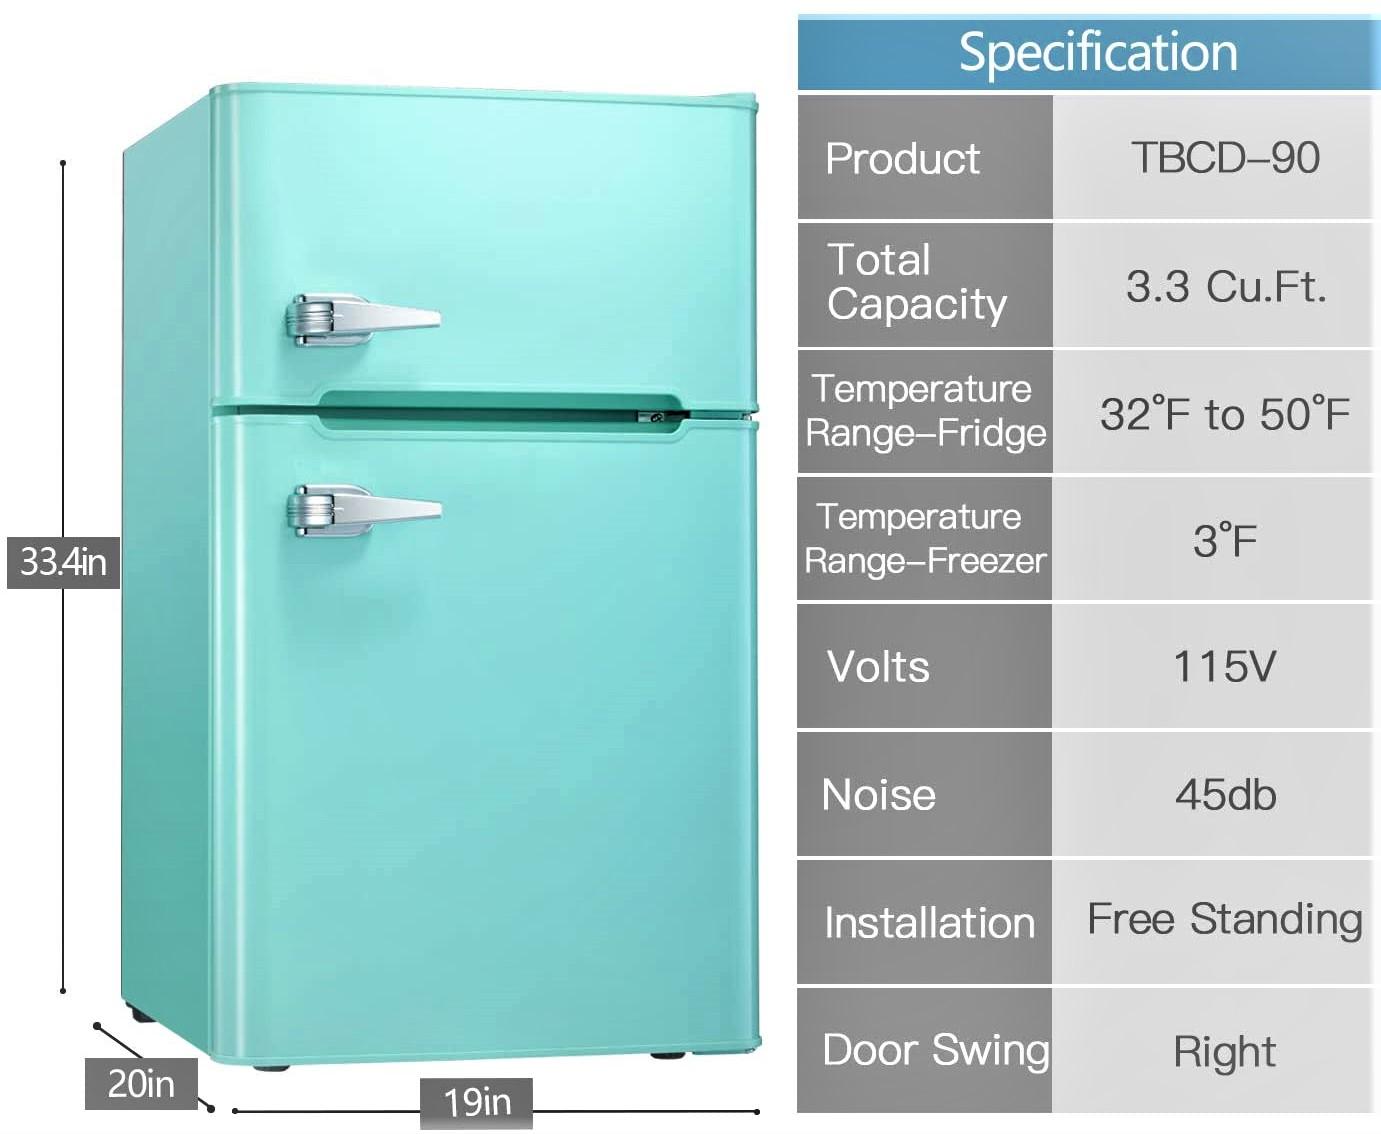 Tavata 3.2 Cu Double Door Mini Fridge with Top Door Freezer Specs